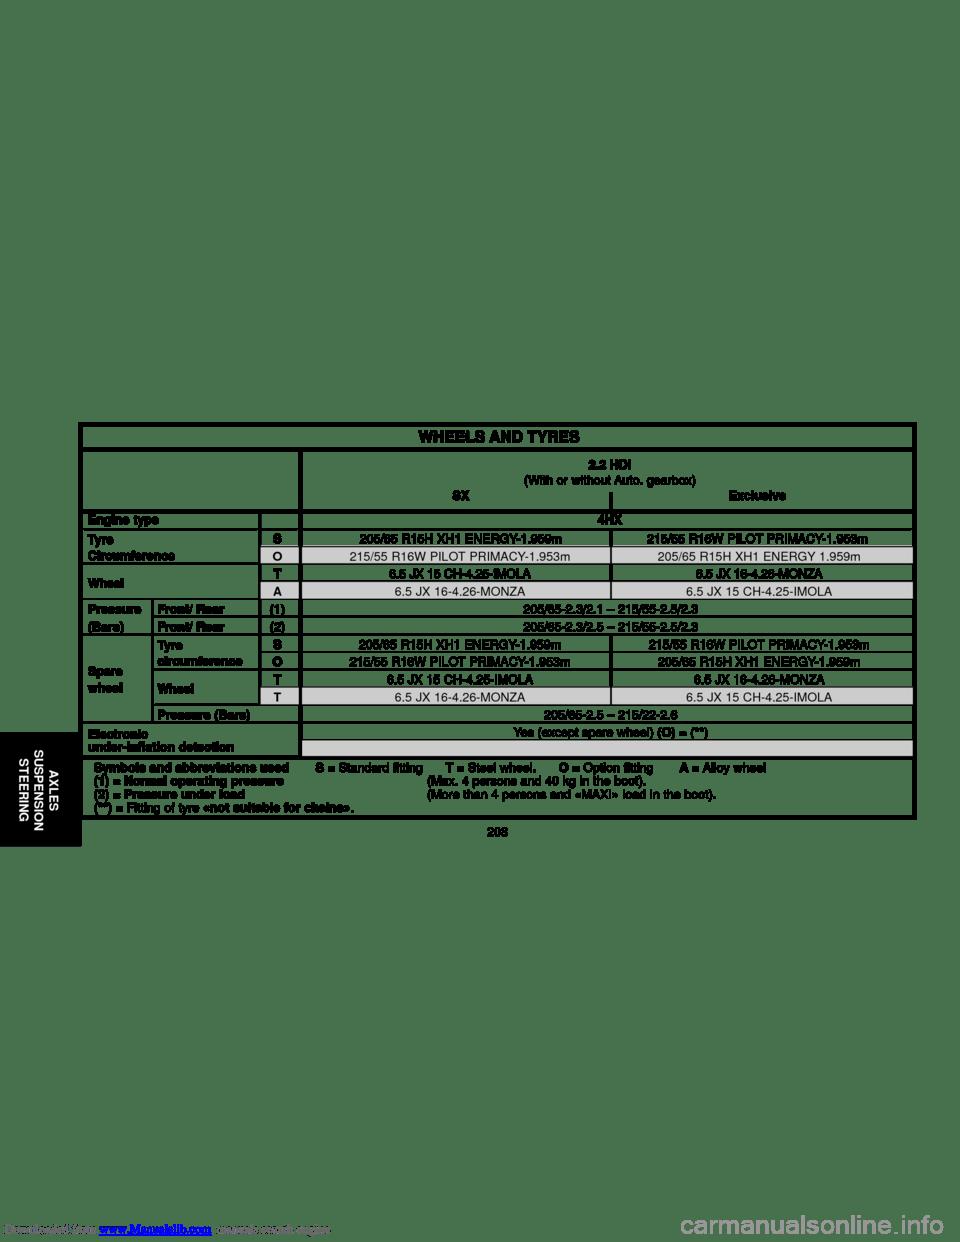 Citroen C5 2000 (DC/DE) / 1.G Owner's Manual (259 Pages